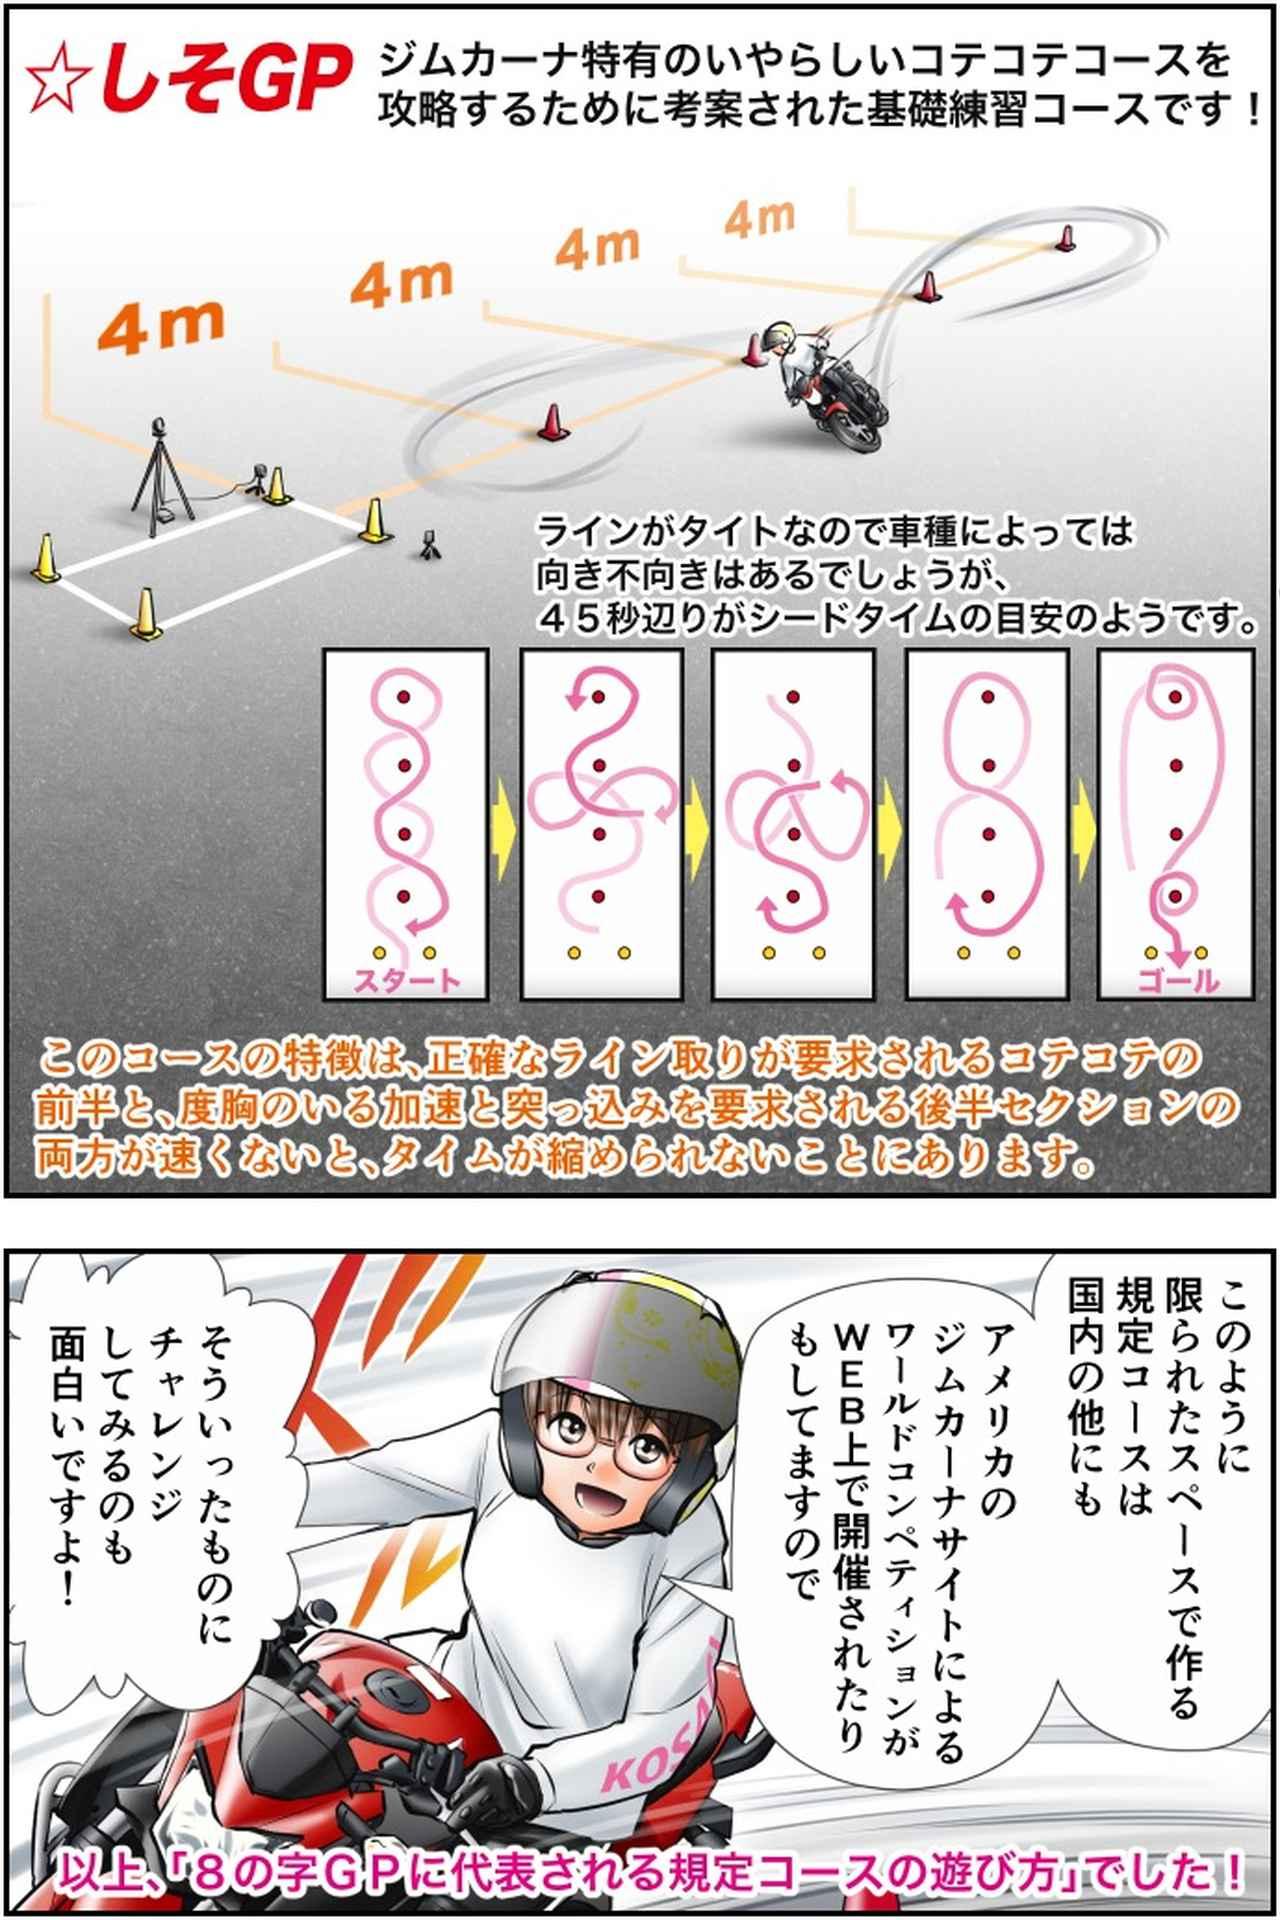 画像4: Motoジム! おまけのコーナー(規定コースの遊び方!)  作・ばどみゅーみん